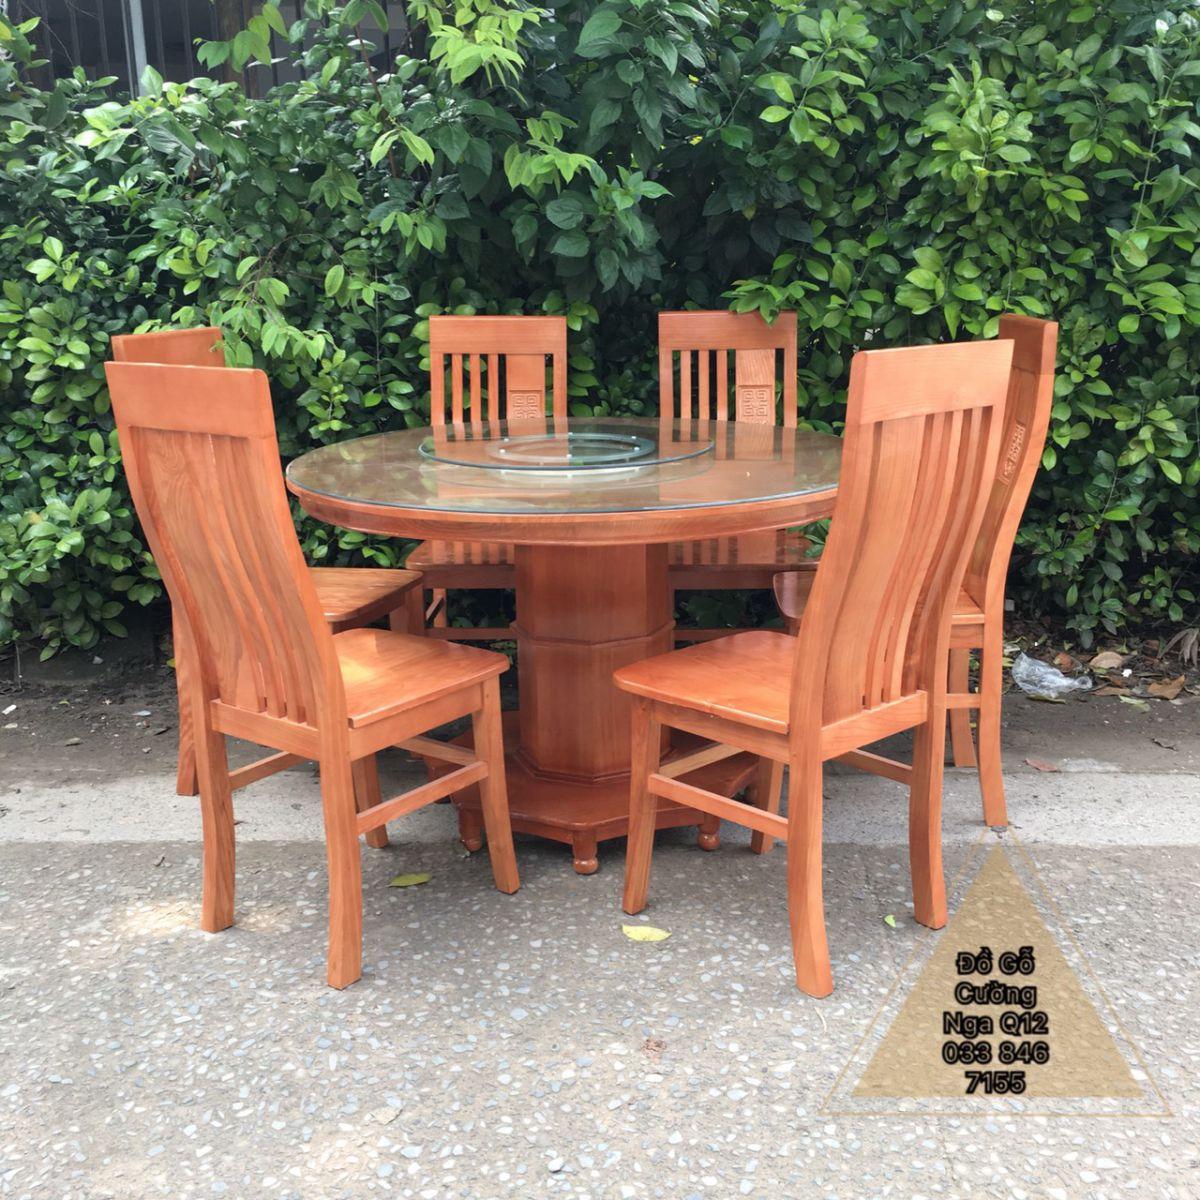 bàn ăn tròn xoay gỗ sồi nga 6 ghế